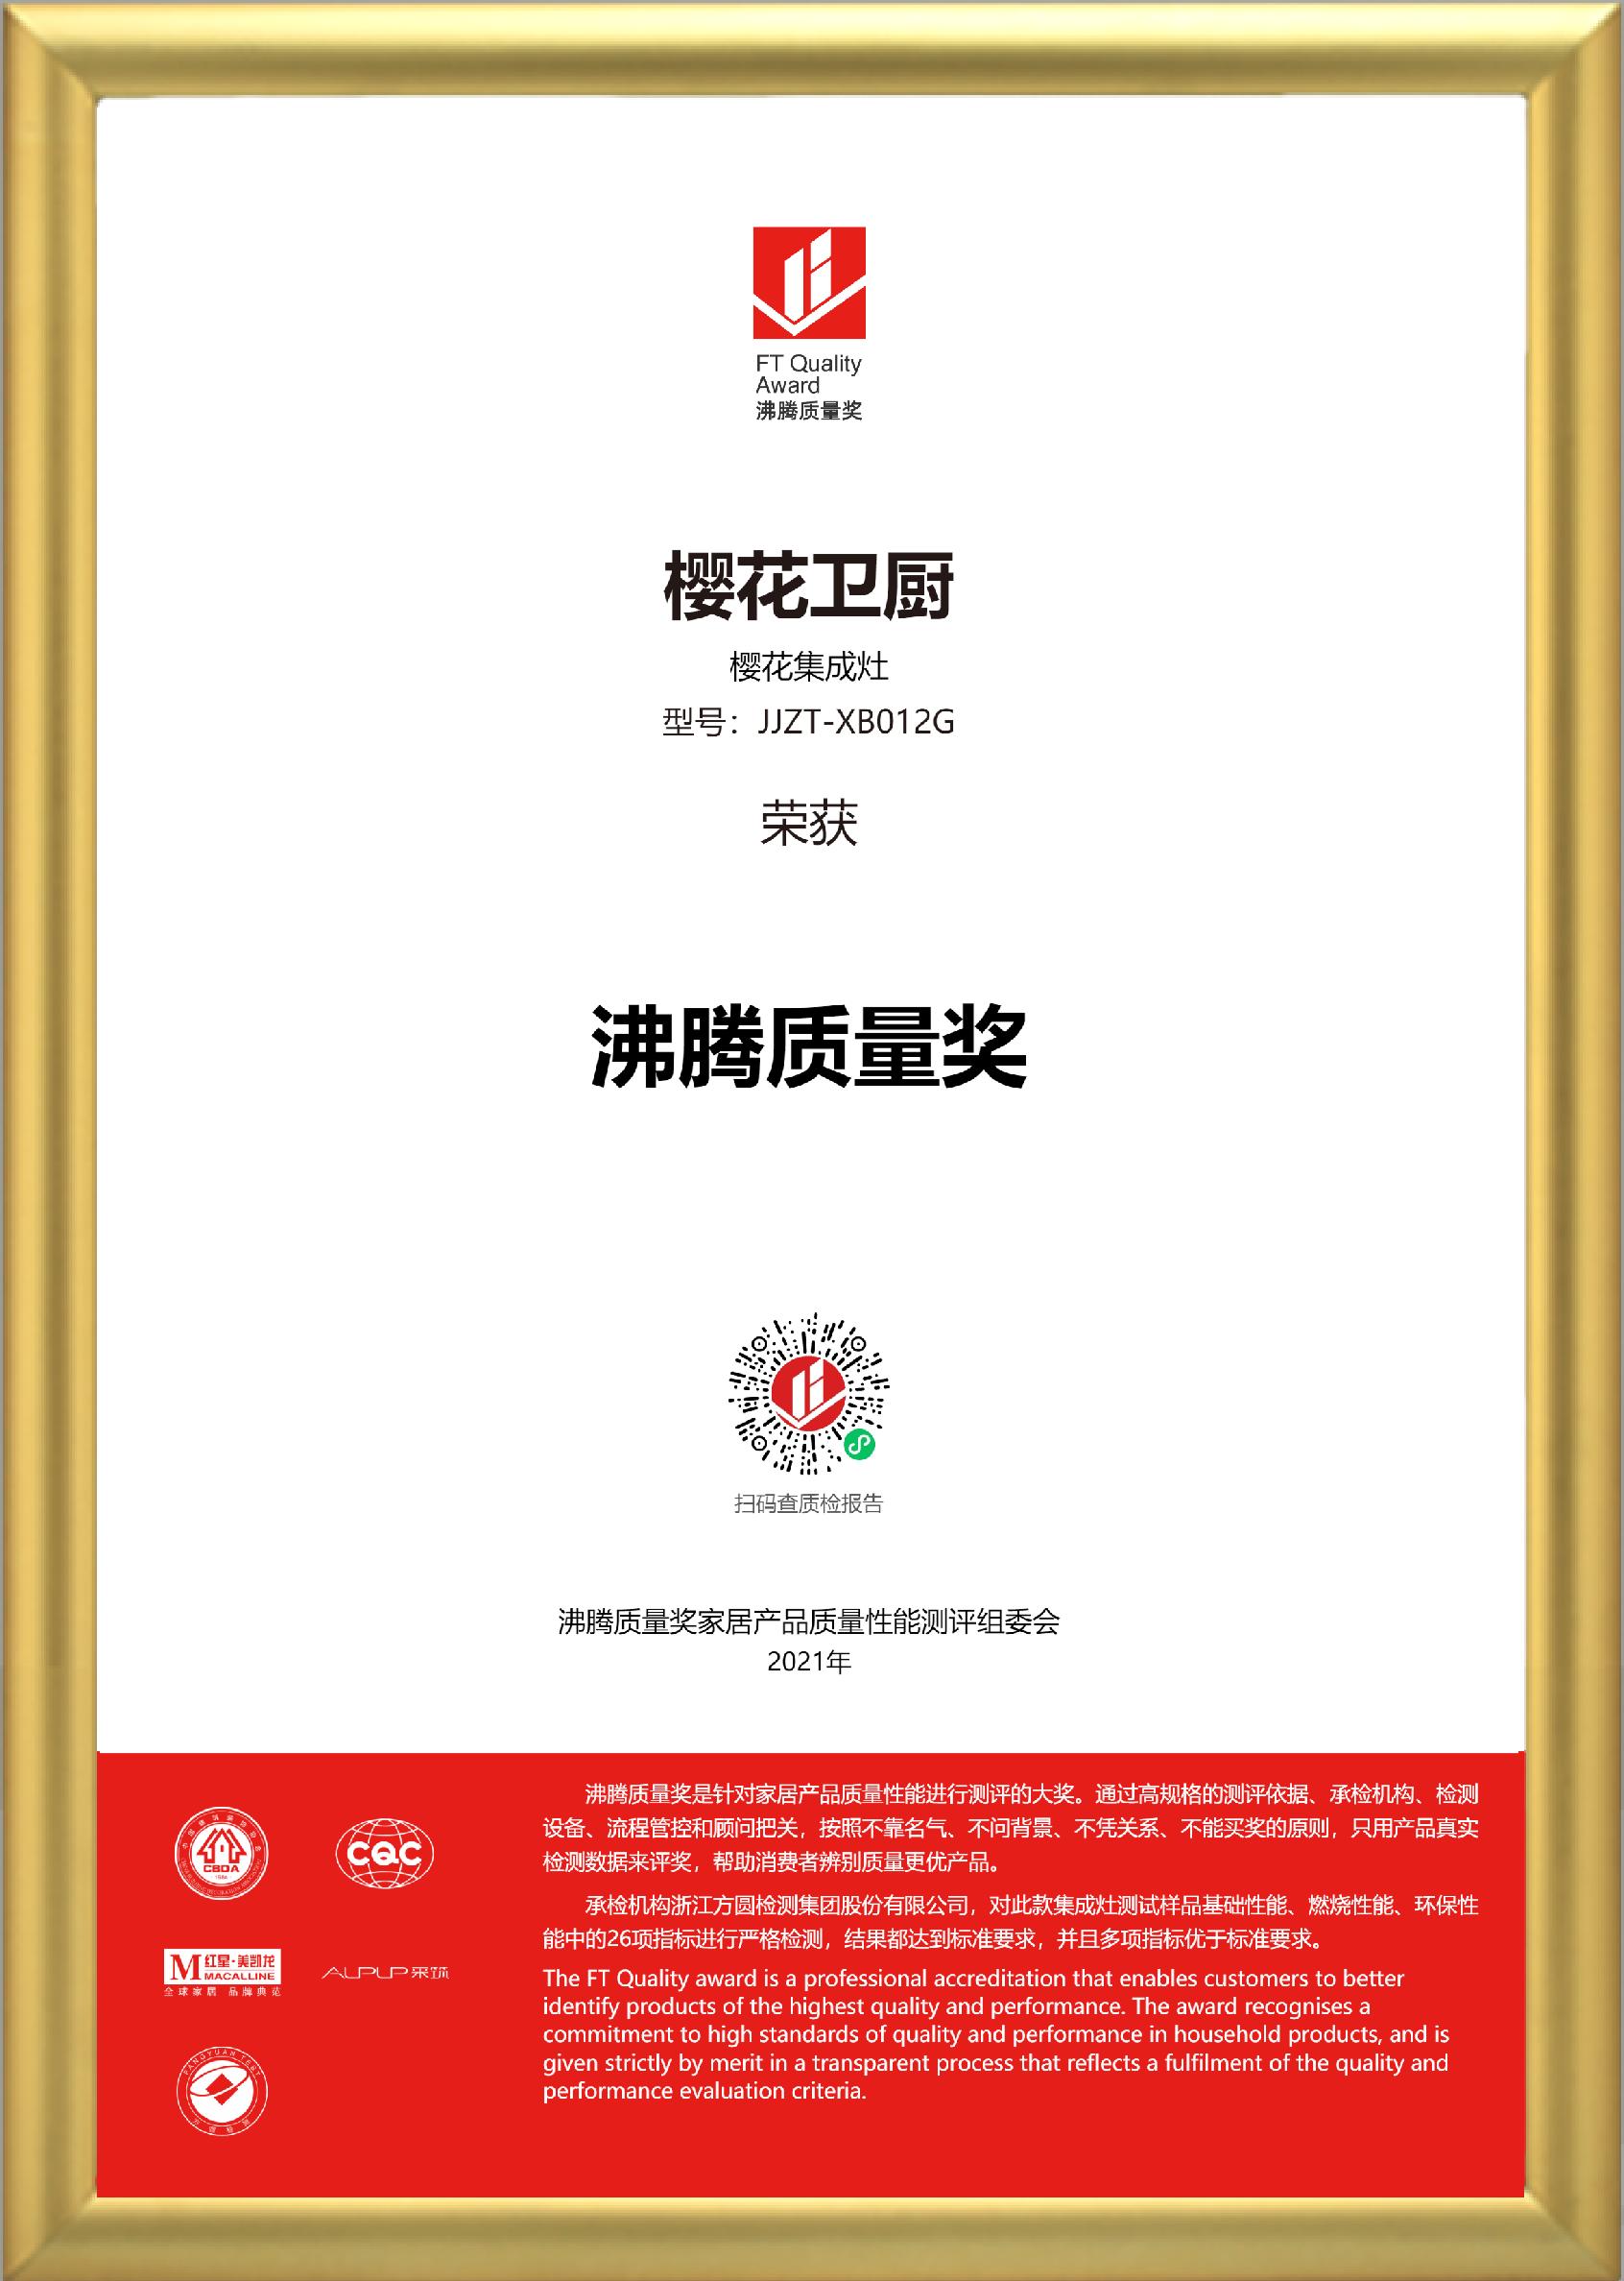 金框加持-获奖证书-樱花卫厨-集成灶-JJZT-XB012G.png